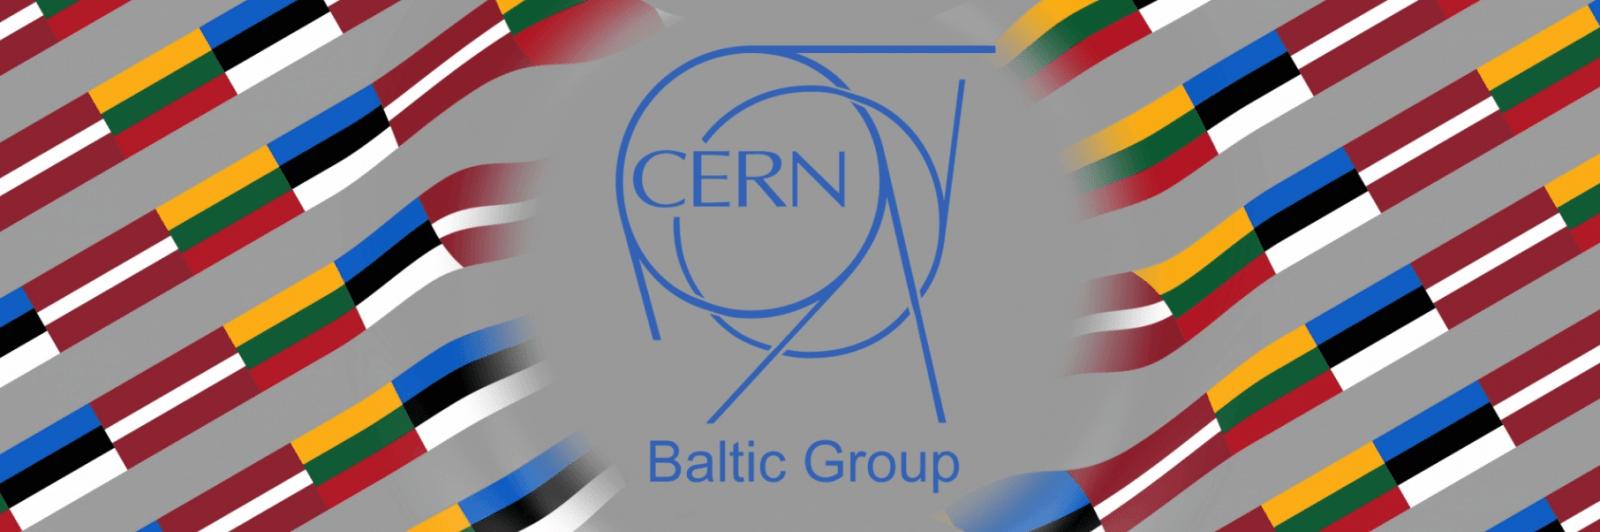 CERN Baltijas grupas apvienotā skaitļošanas jauda sasniedz Folding@home Covid 19 izpētes globālā reitinga Top500